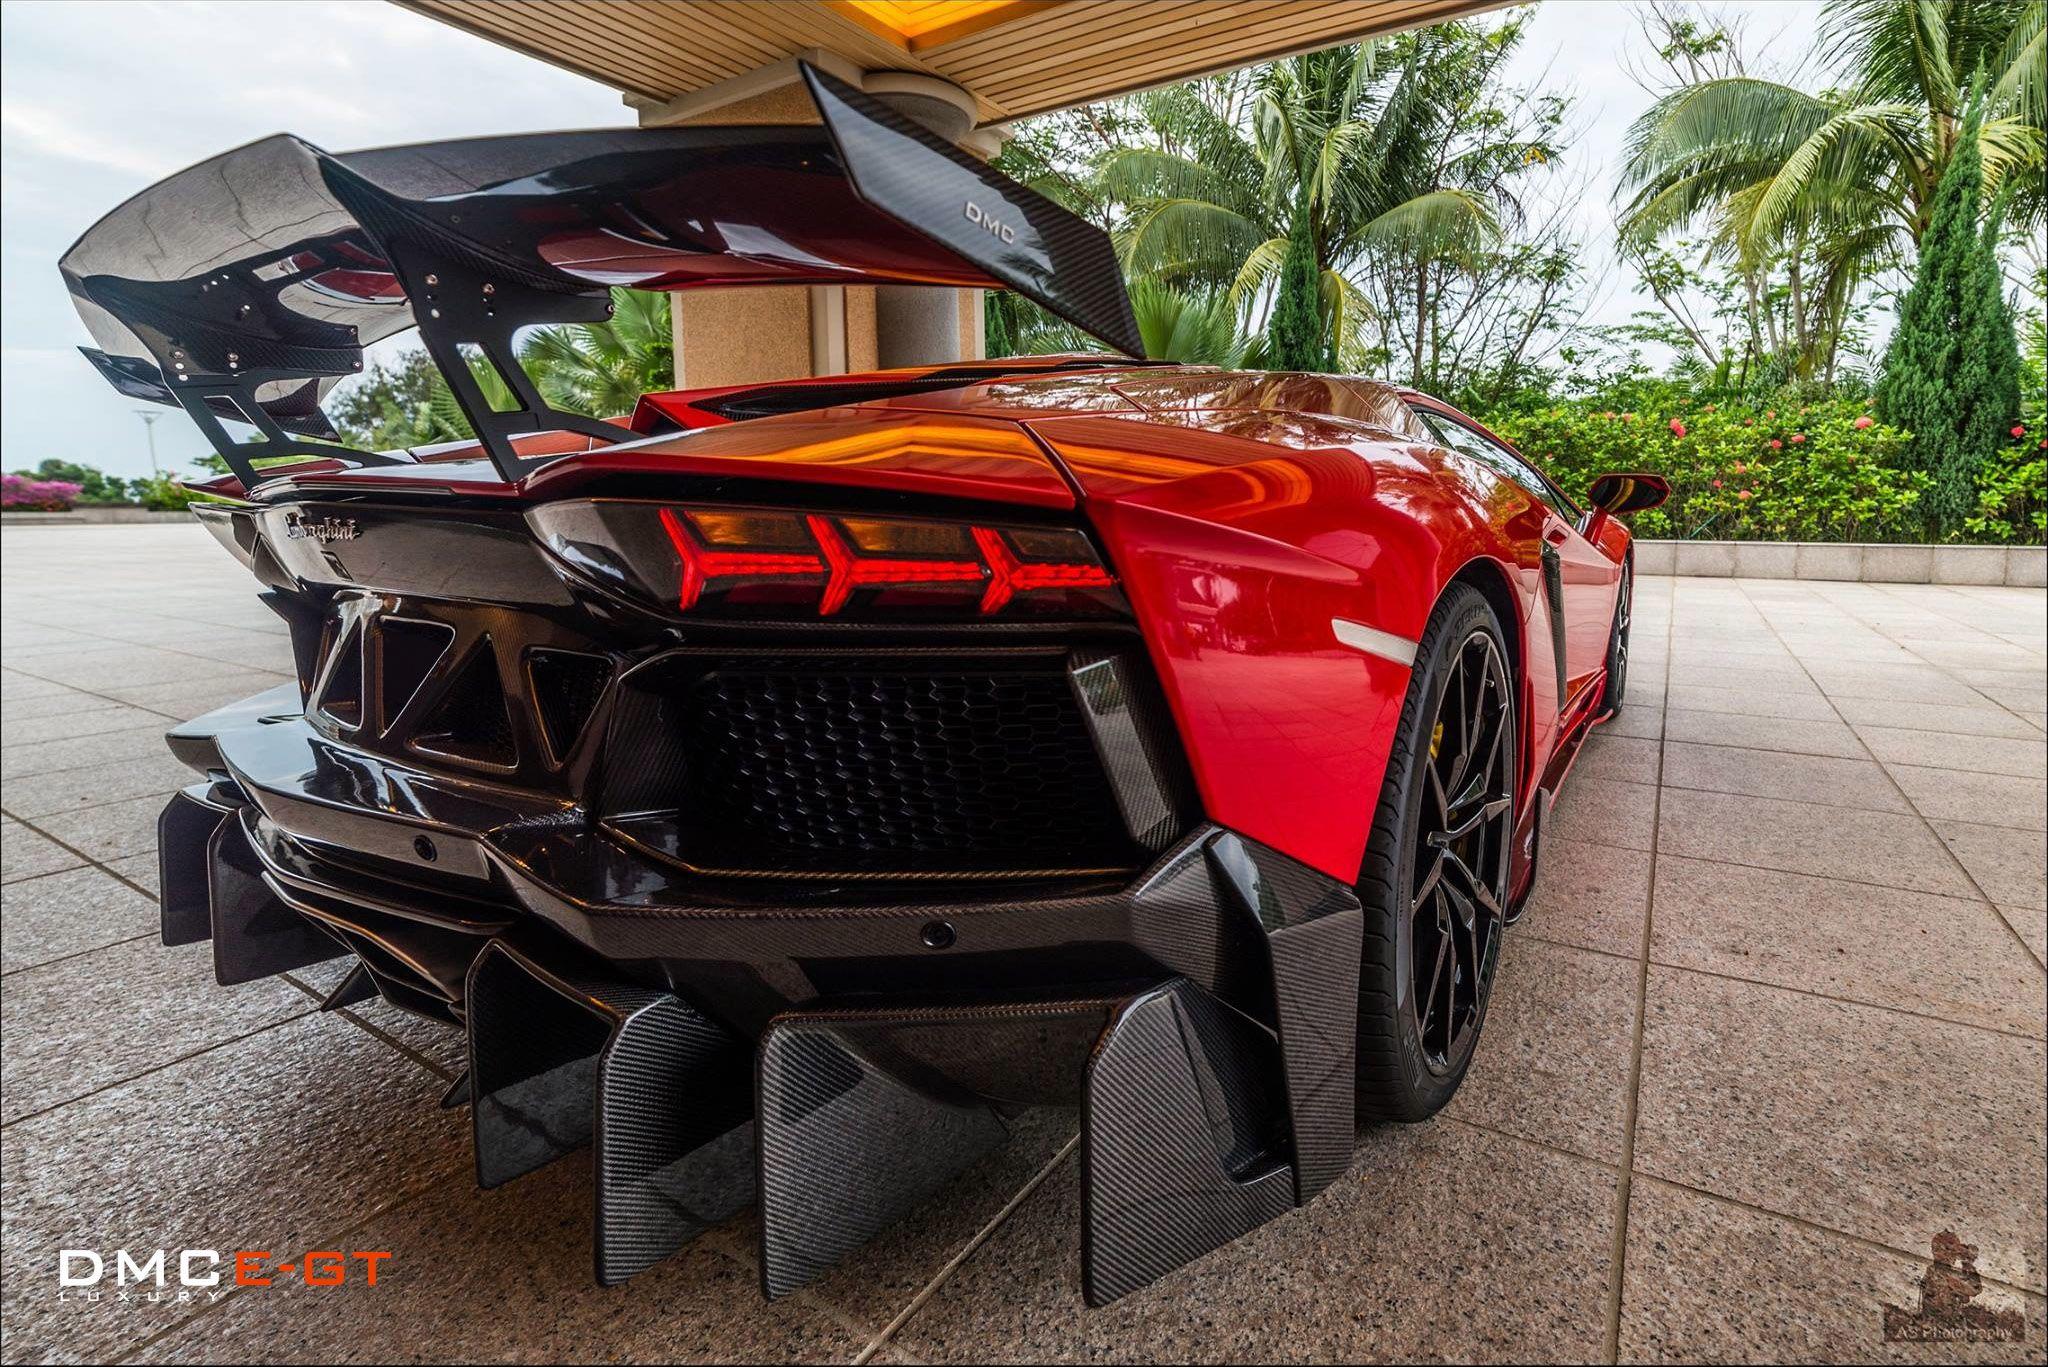 a22194790ee6345f591f0eb0bf7ad95a Extraordinary Lamborghini Countach Schwer Zu Fahren Cars Trend